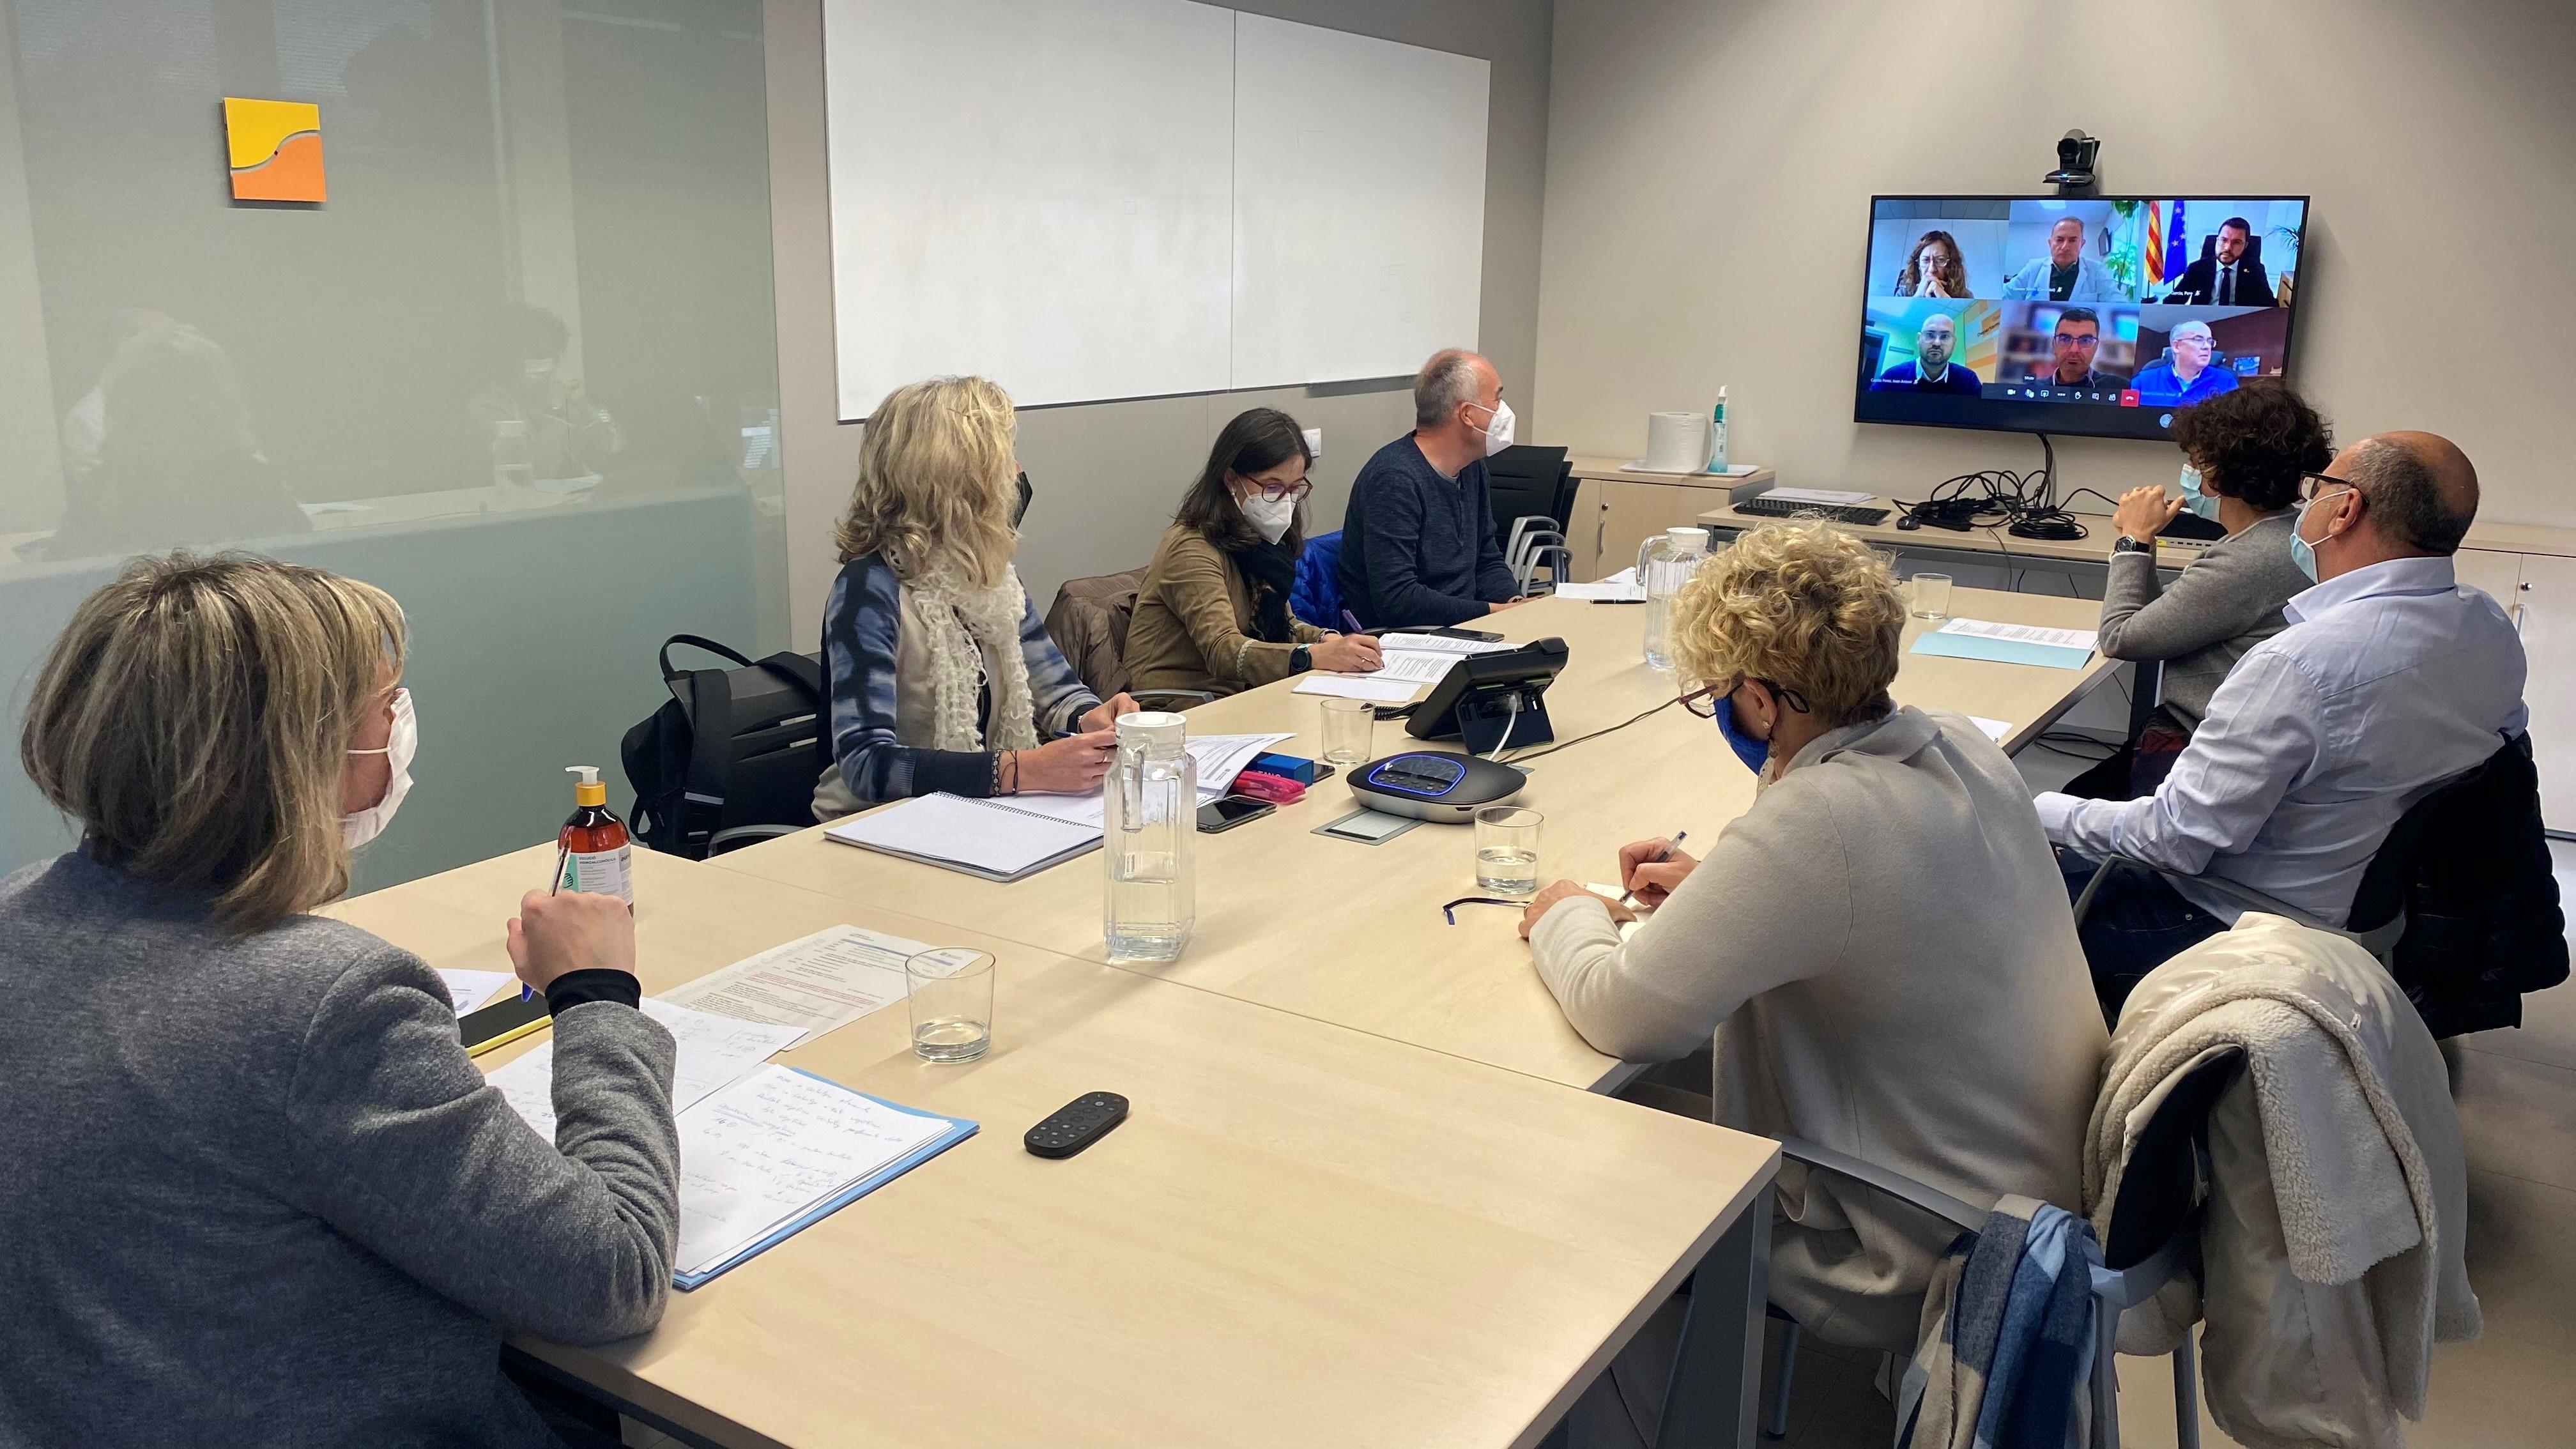 Un moment de la reunió telemàtica mantinguda, entre d'altres, entre Vergés i el vicepresident Aragonès, aquest matí des de Tremp